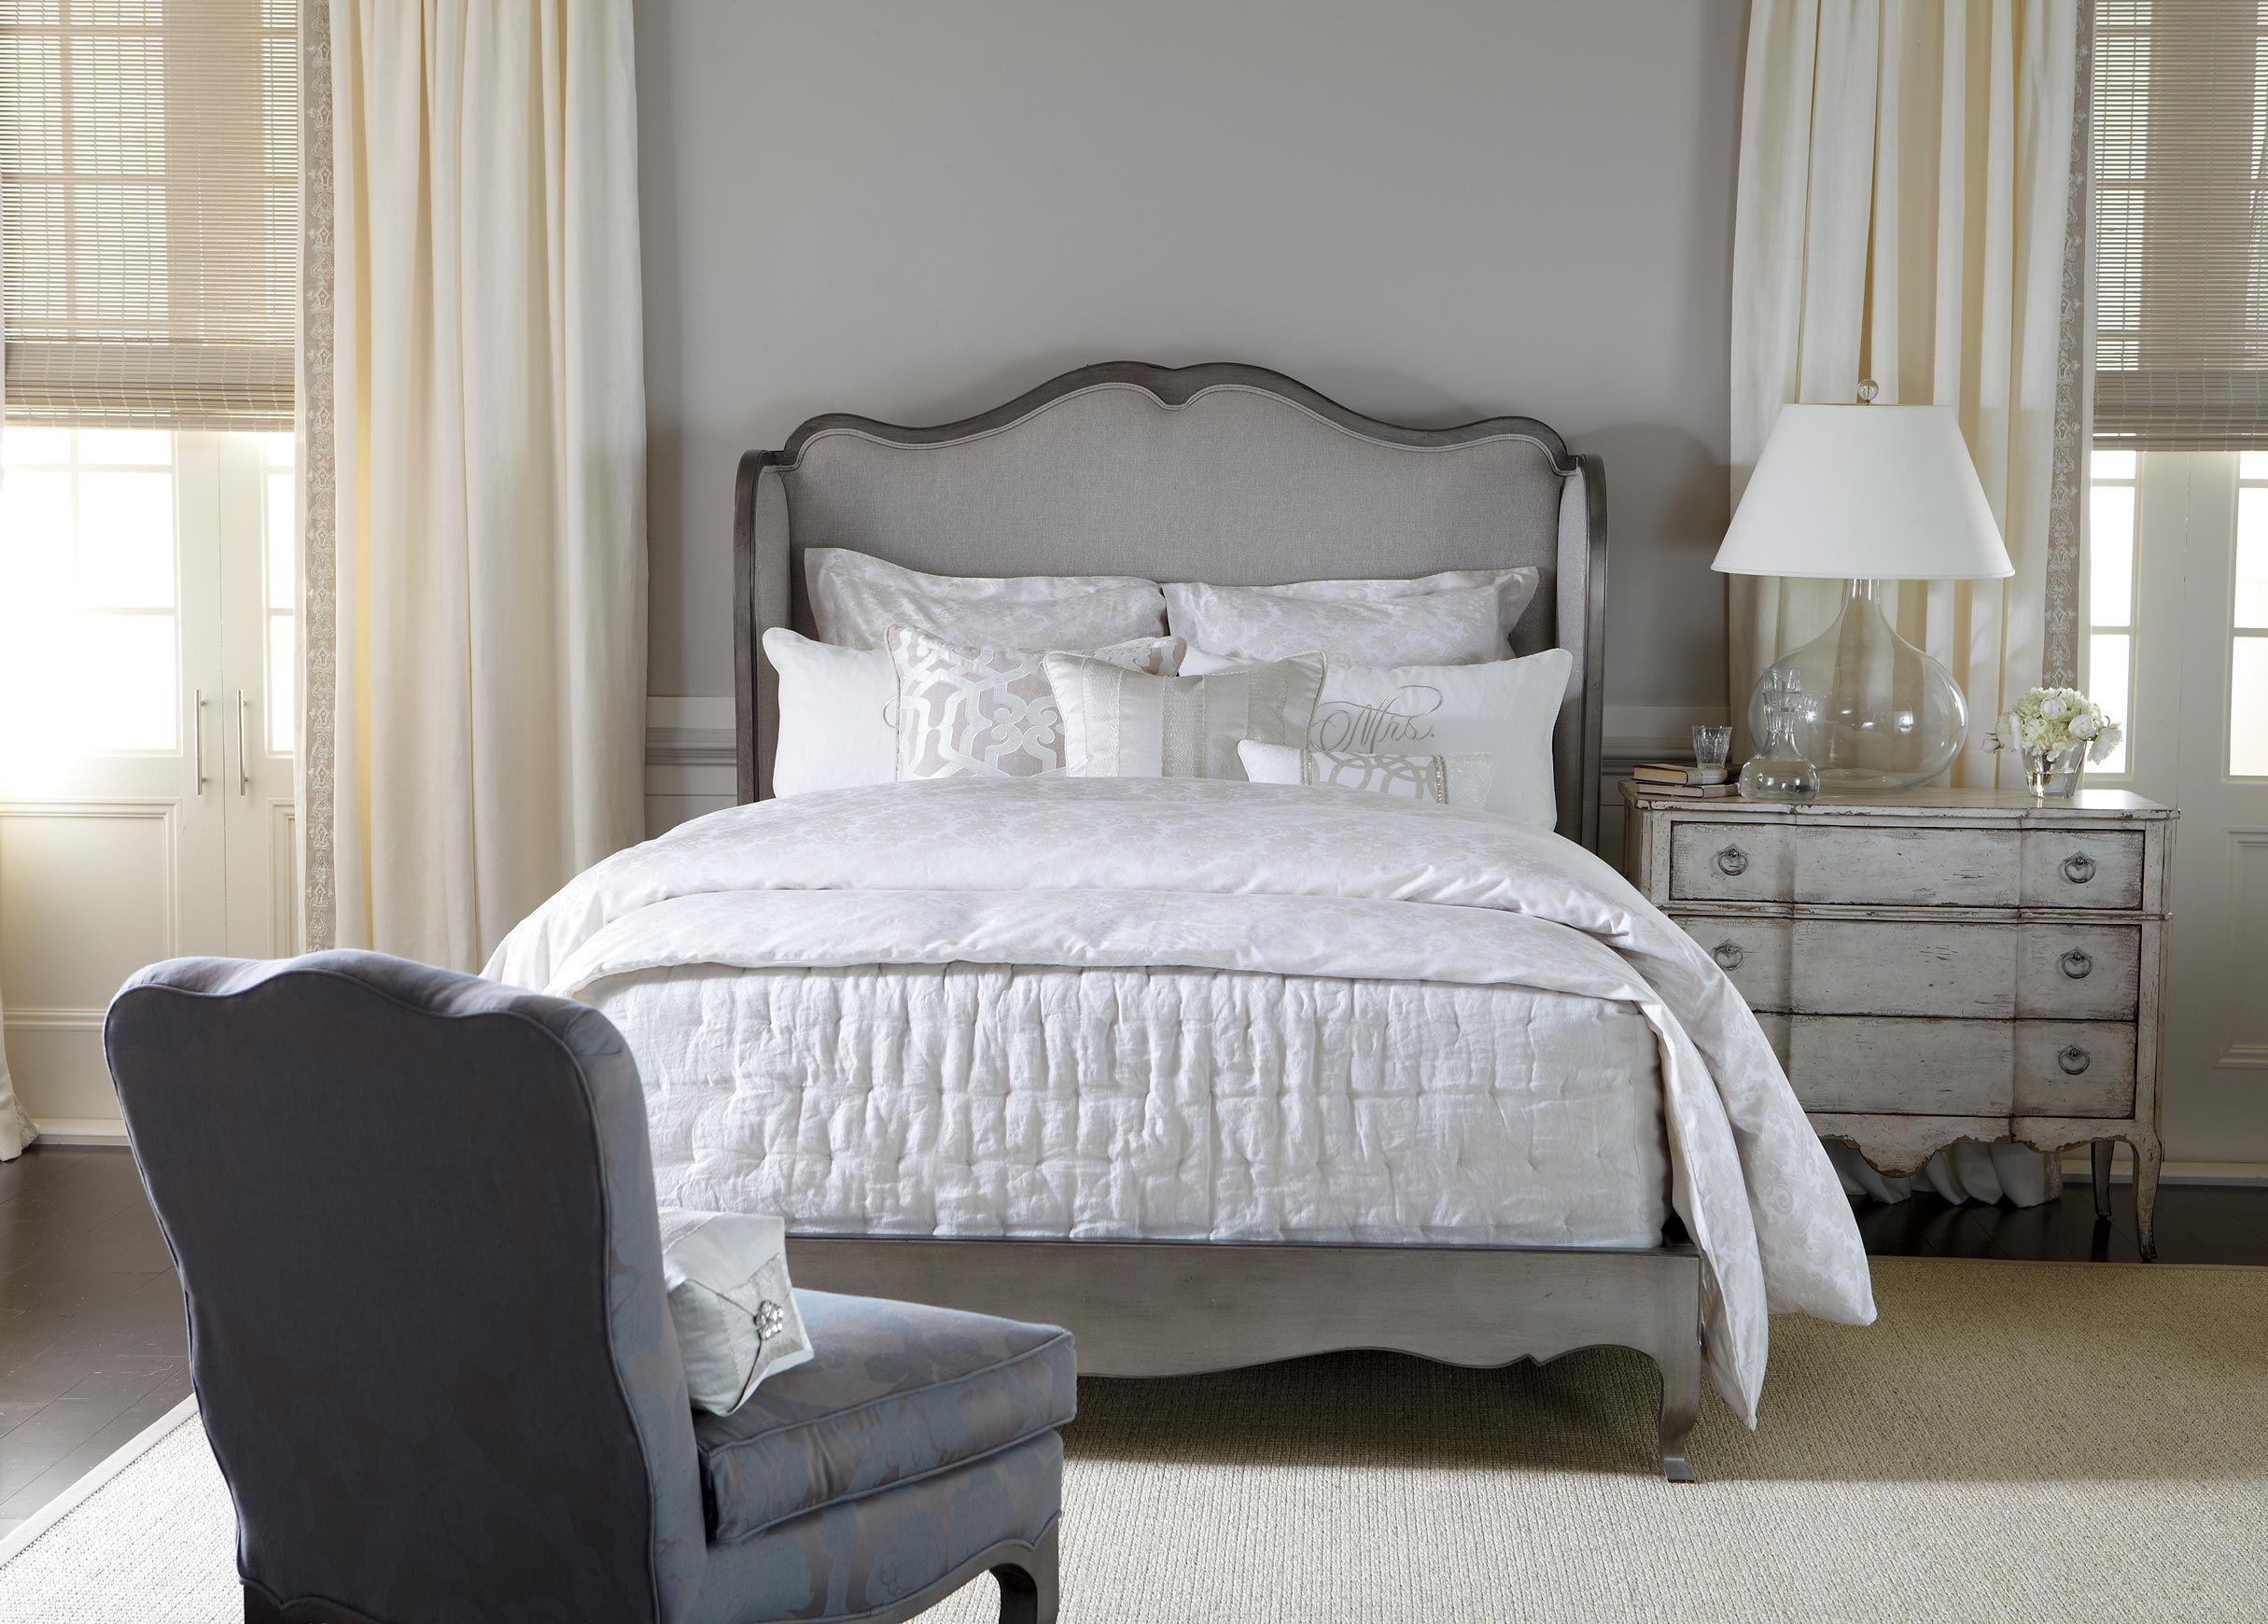 Eleanor Accent Chest Home decor, Bed, Decor